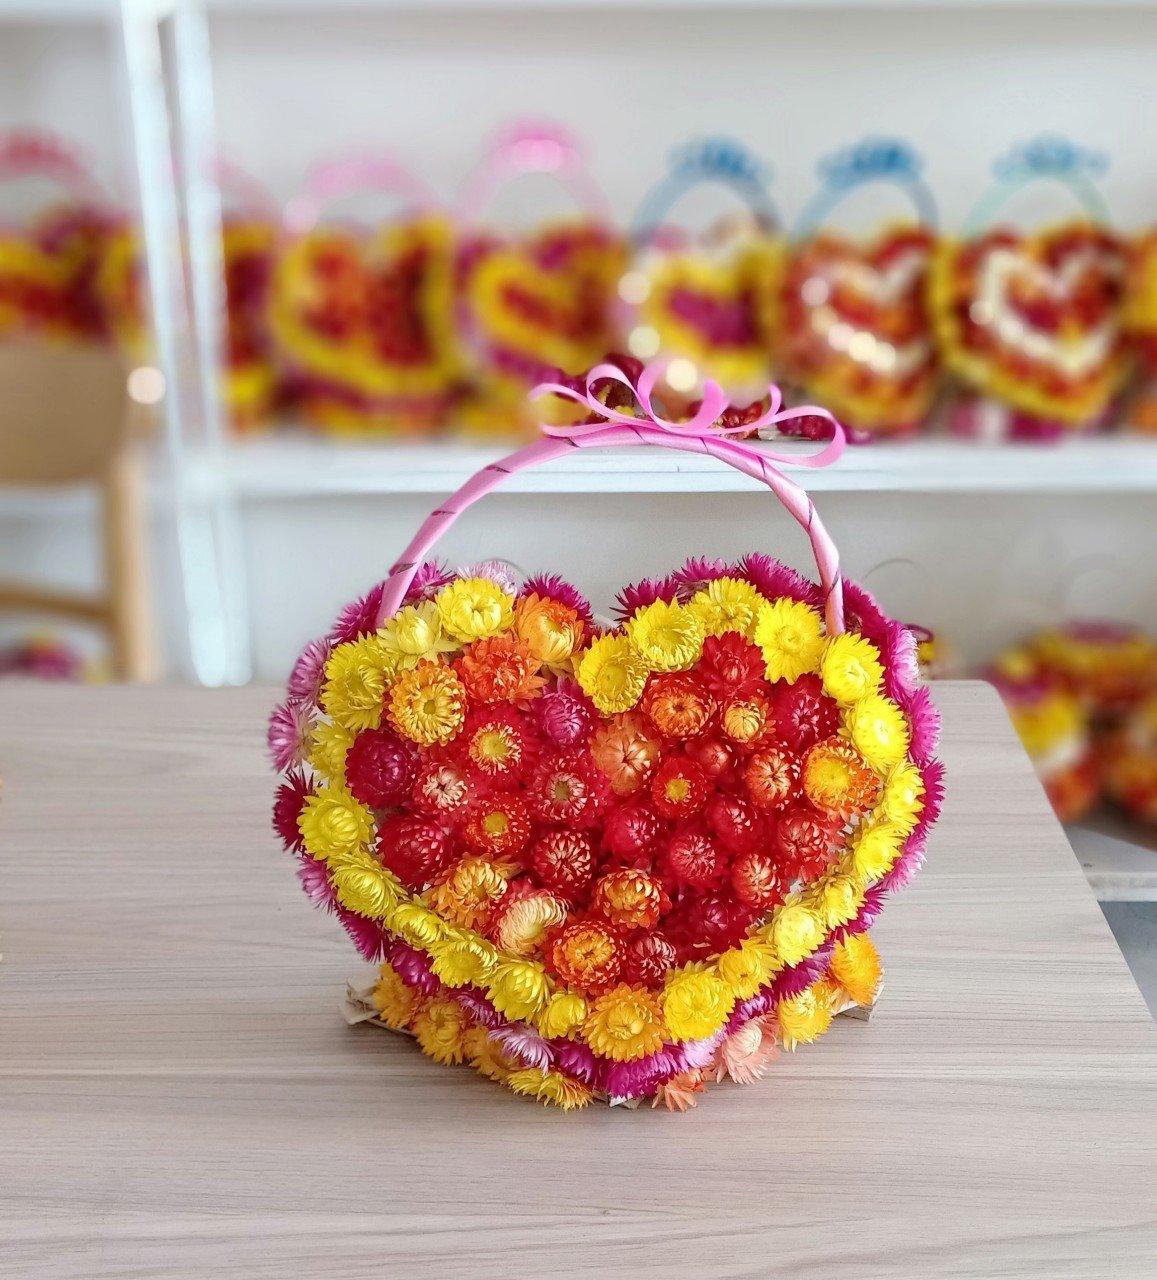 GIỏ hoa bất tử hình trái tim cực đẹp